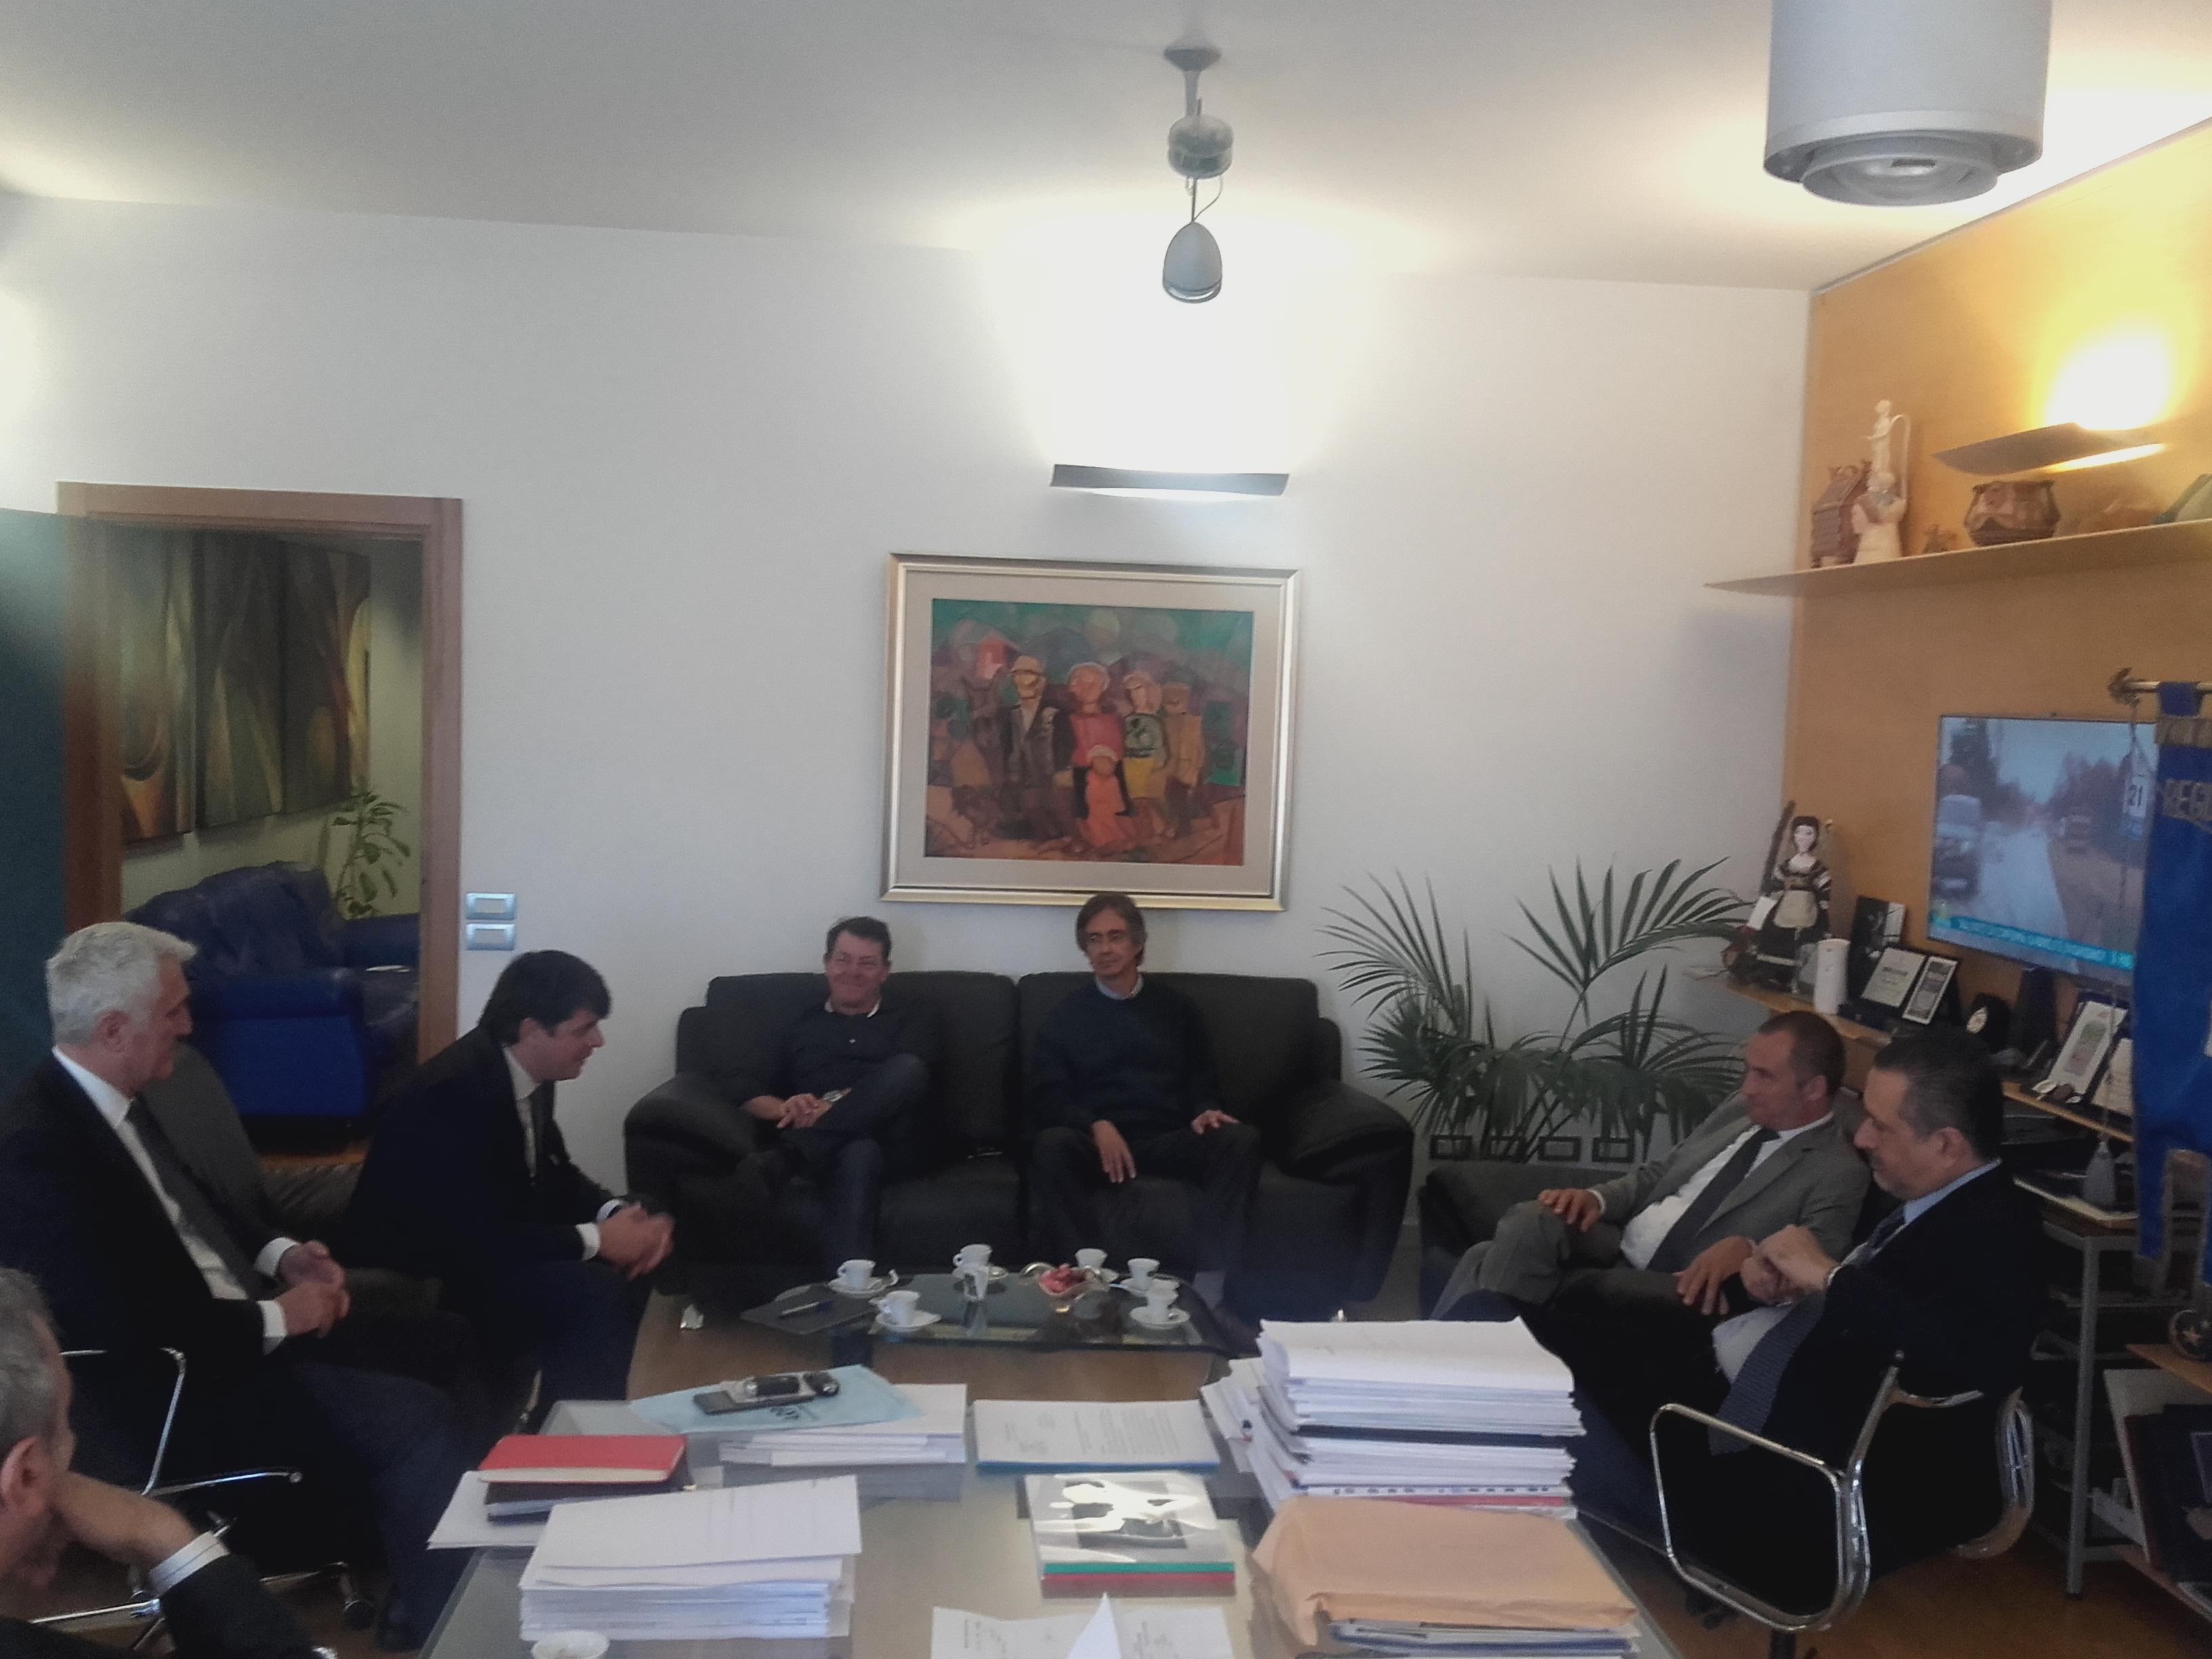 Presidente pittella incontra ufficio presidenza assoarpa for Ufficio presidenza